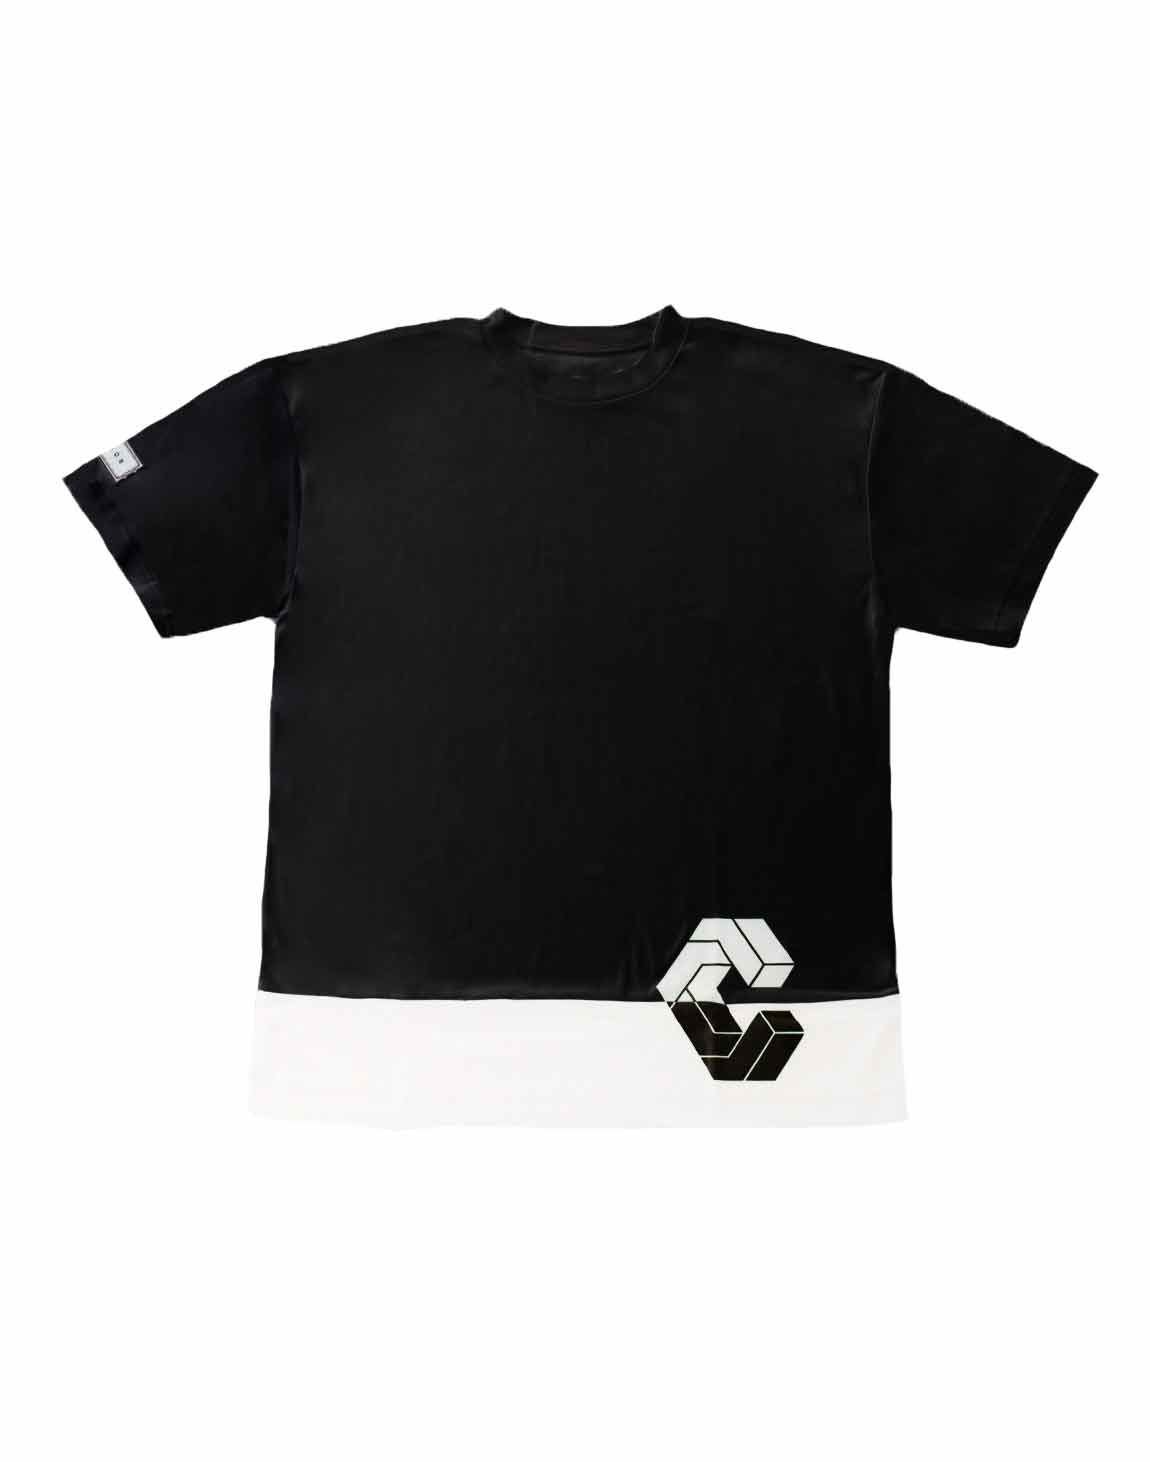 CRONOS MODE SIDE LOGO OVER SIZE T-SHIRTS【BLACK×WHITE】